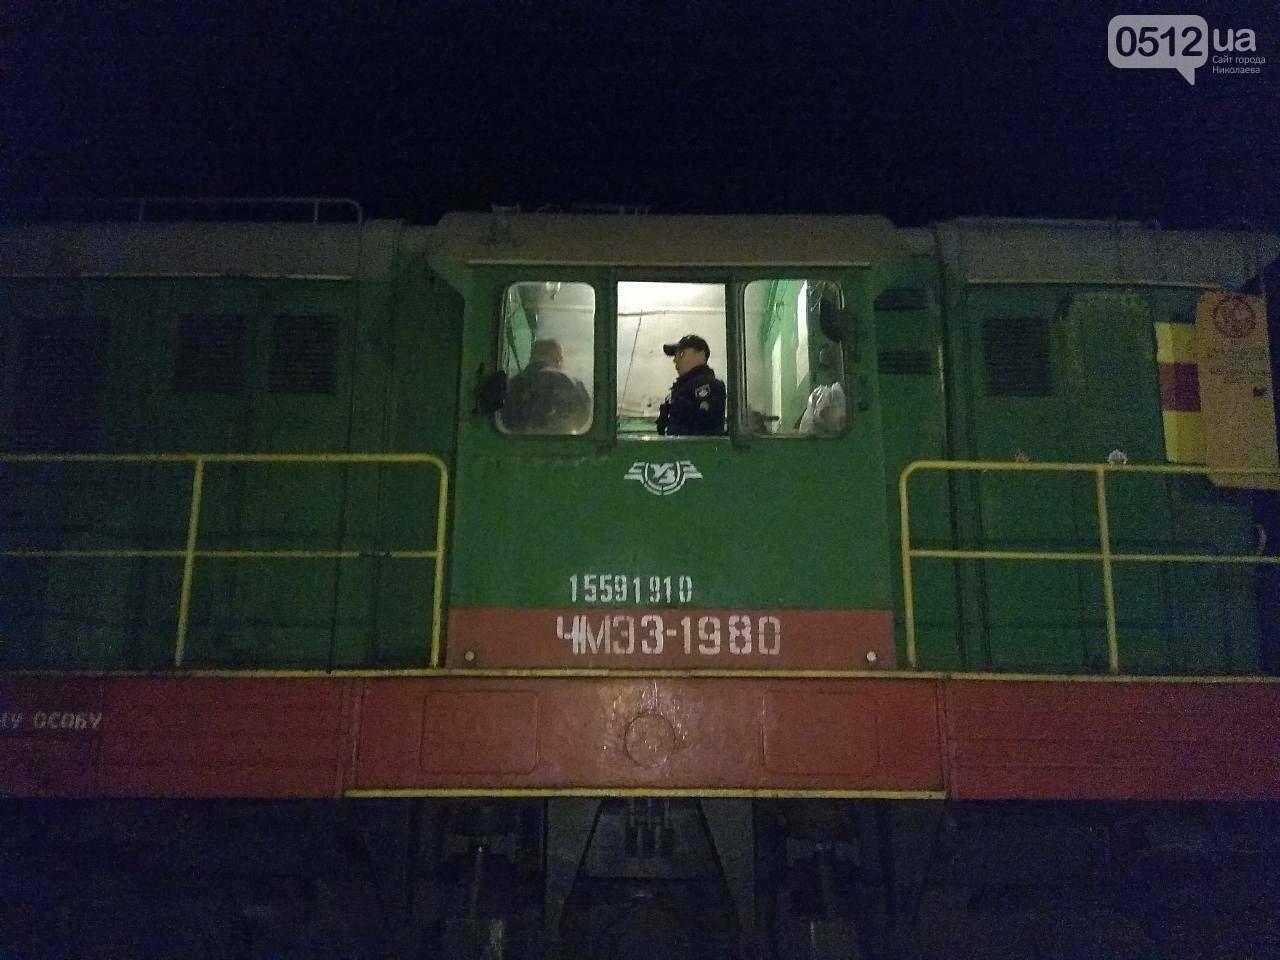 """В Николаеве сотрудник депо """"вынес"""" с предприятия почти 100 литров топлива, - ФОТО, фото-2"""